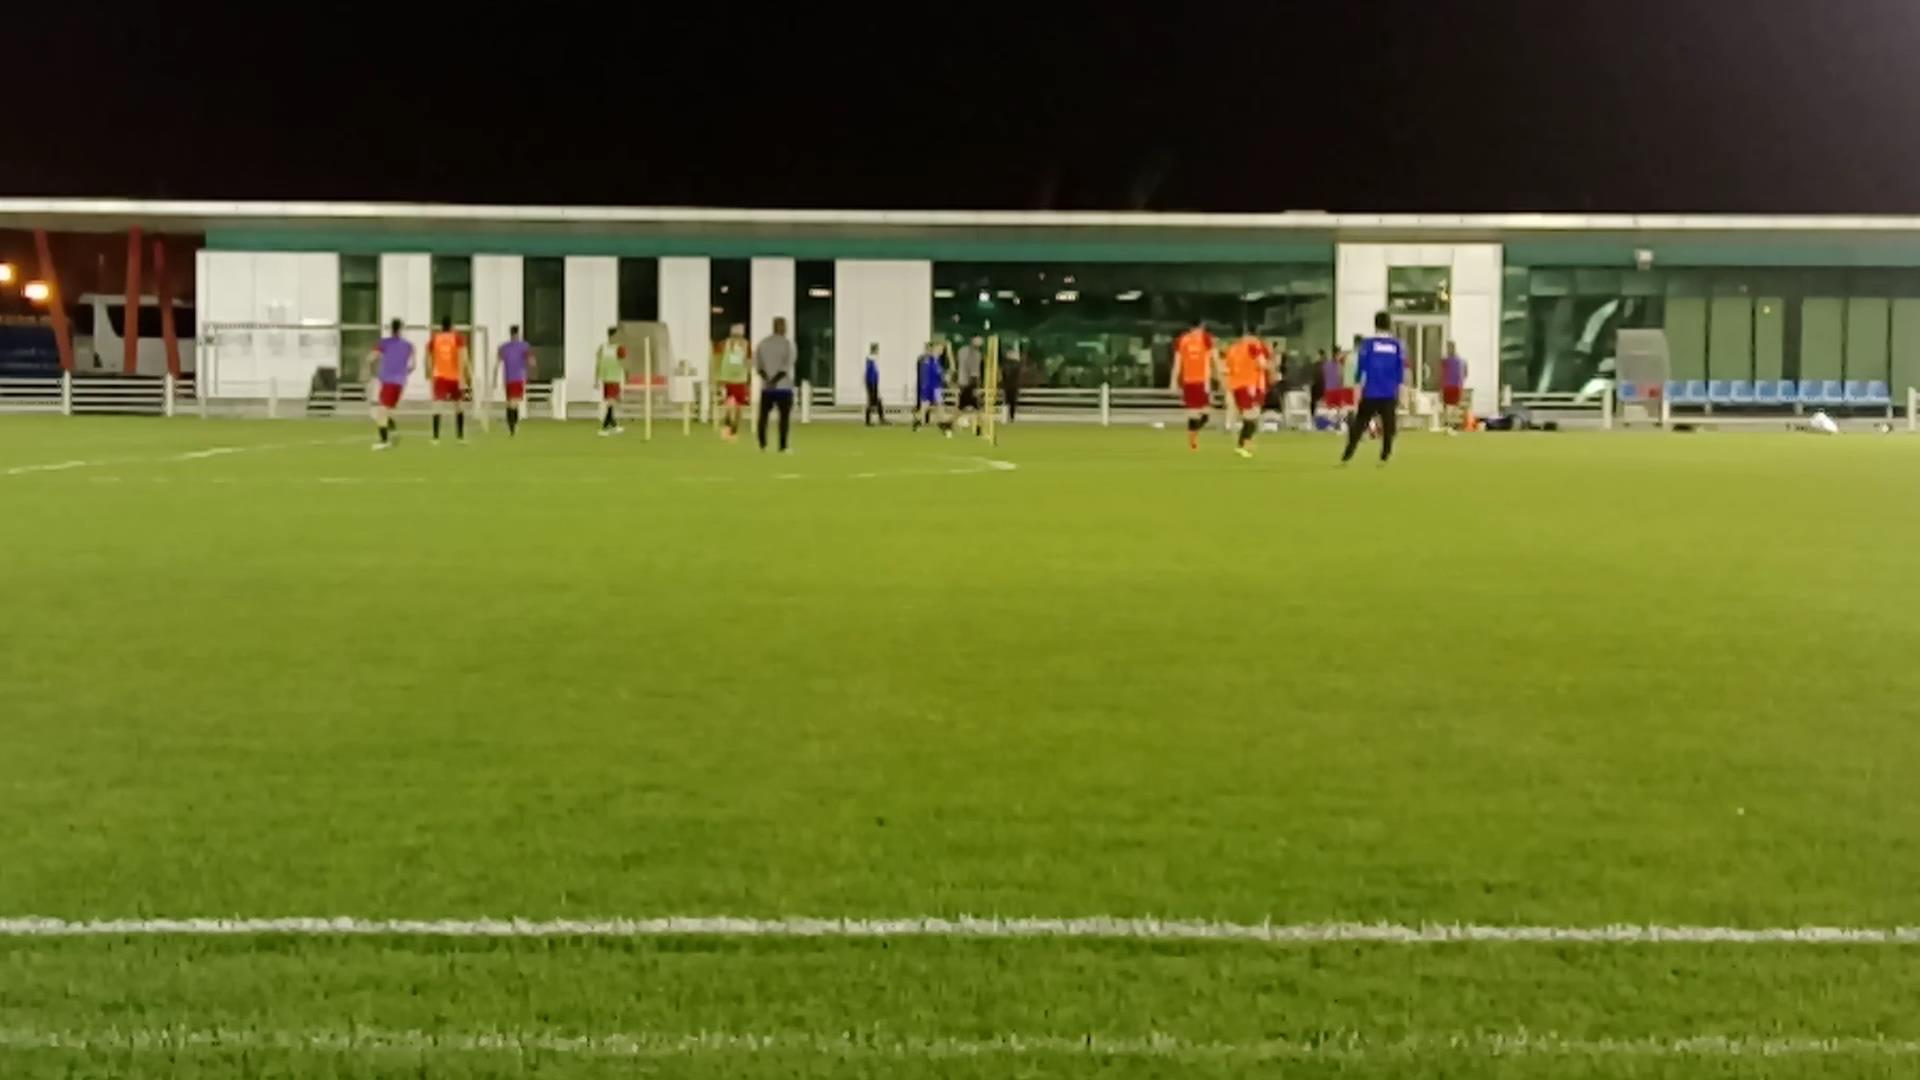 گزارش یاسر اشراقی خبرنگار صدا و سیما از آخرین تمرینات تیم ملی فوتبال در دوحه ی قطر